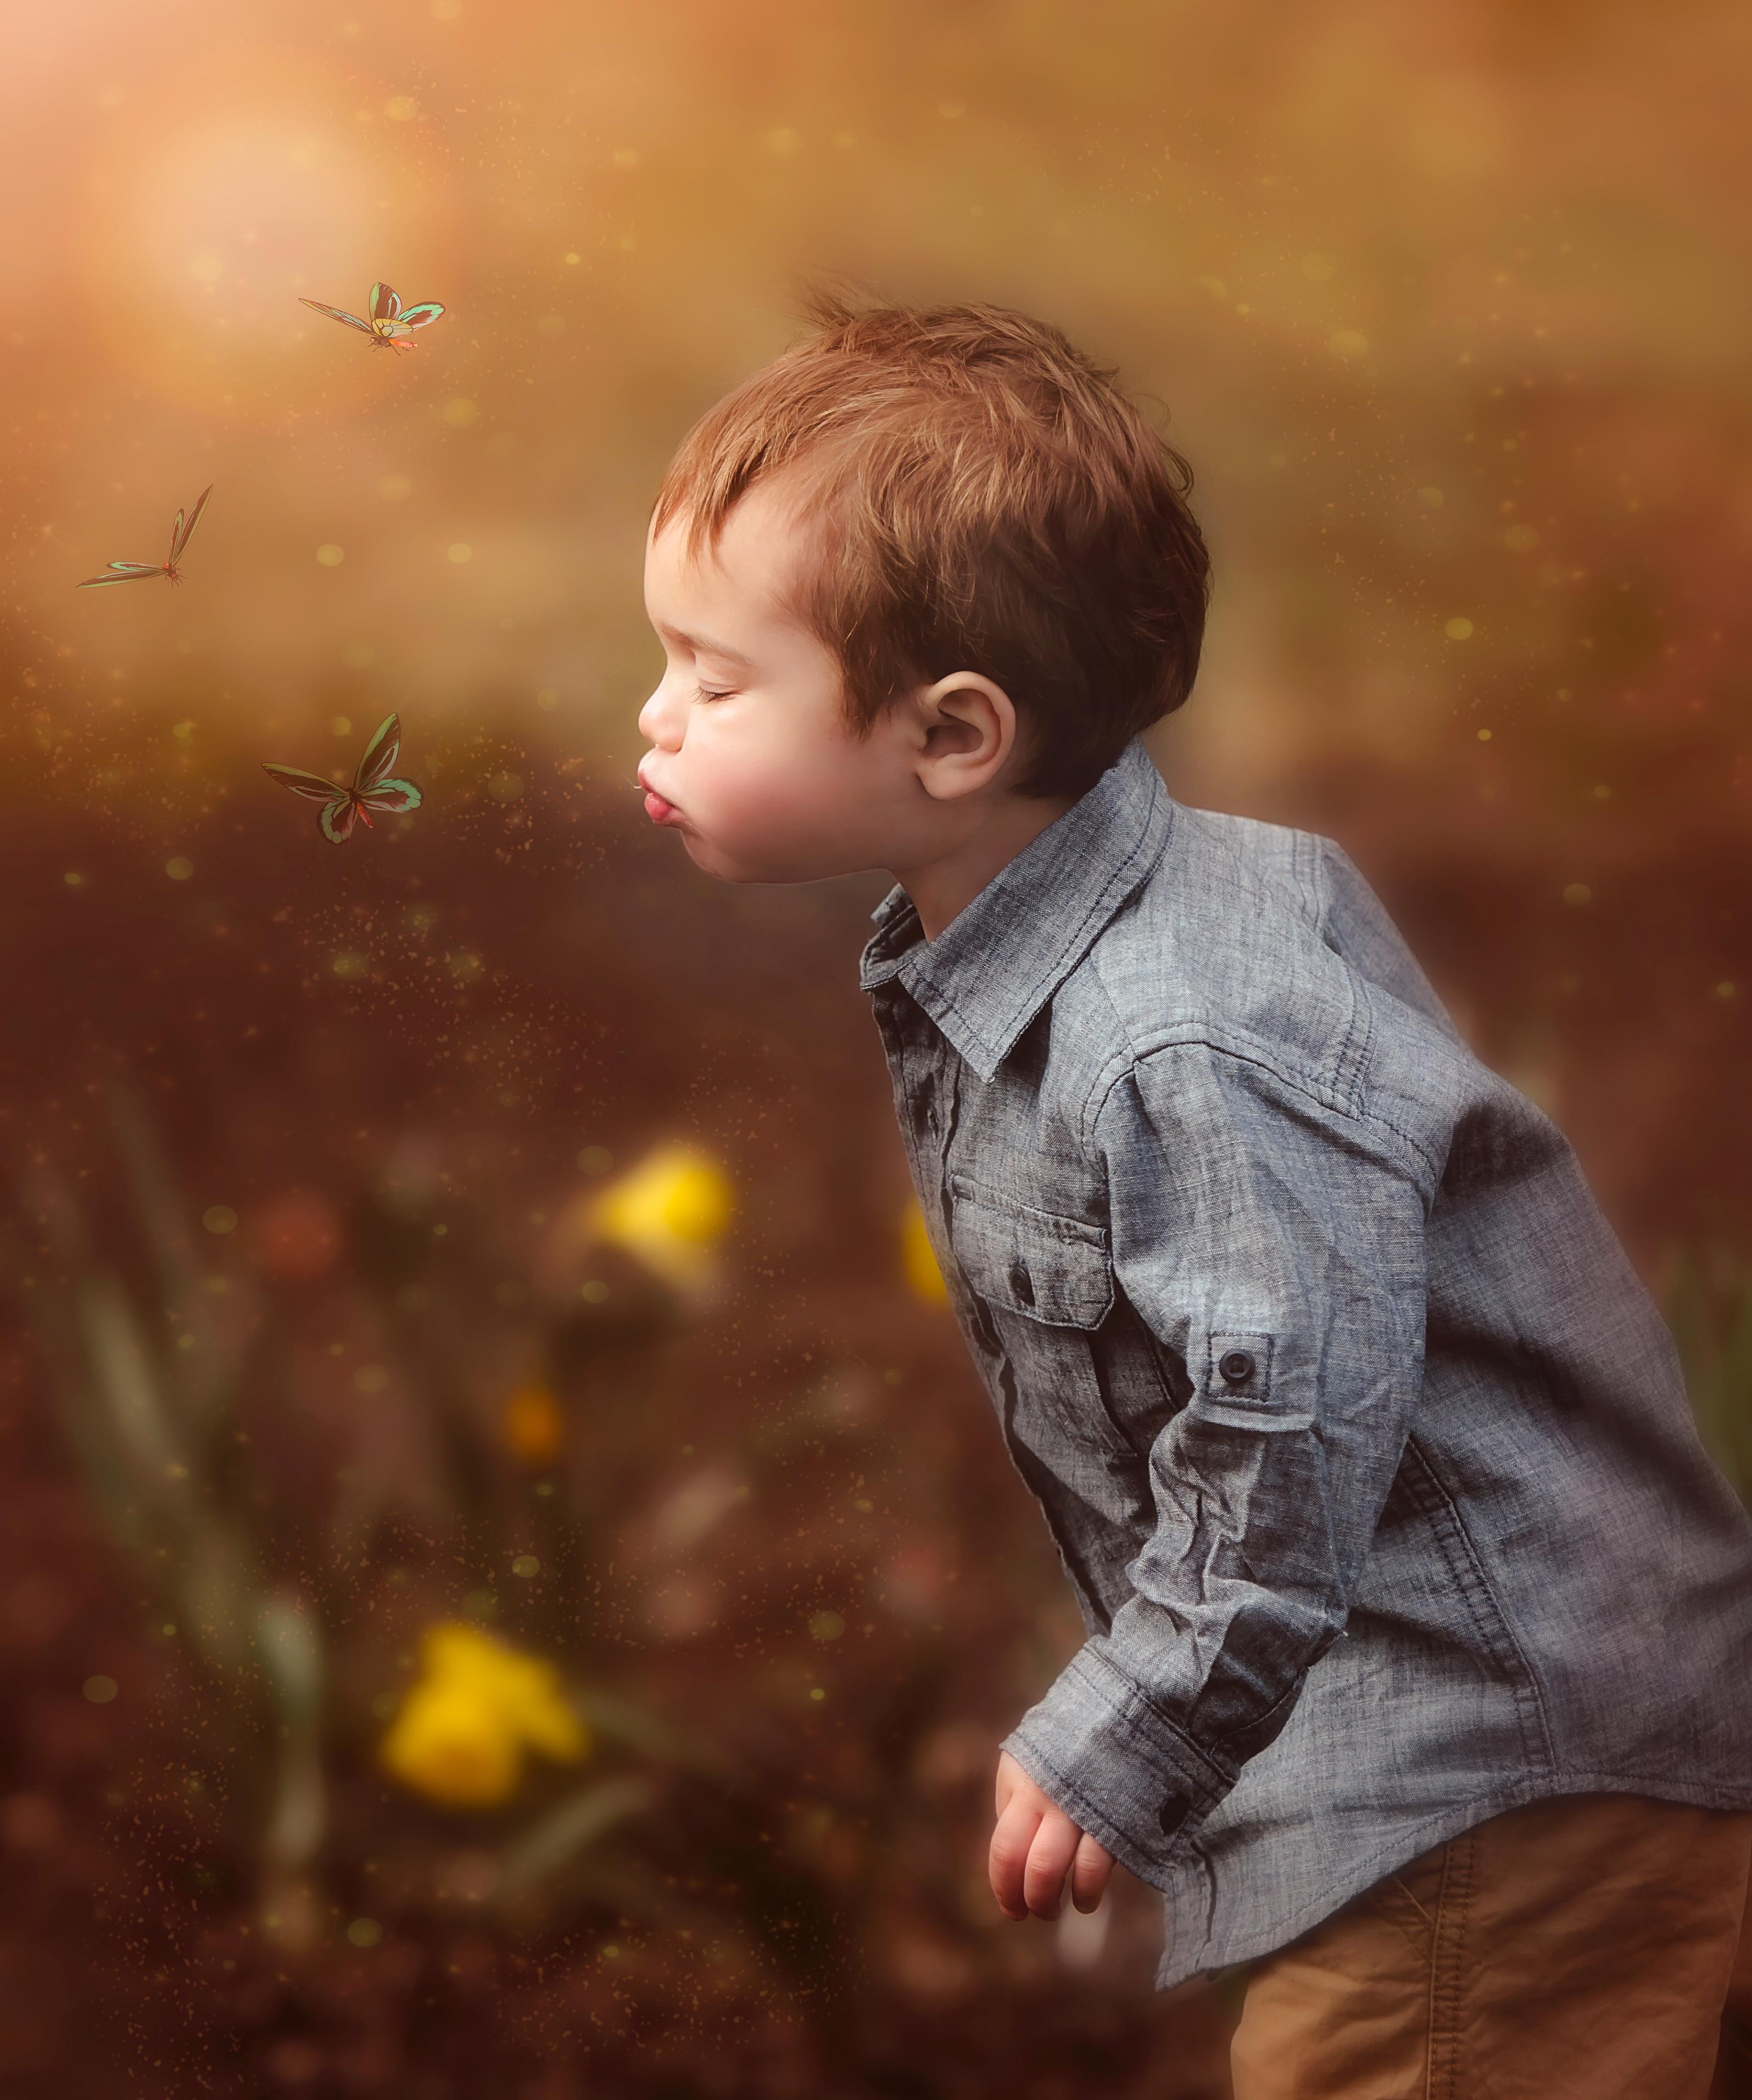 Boy and Butterflies